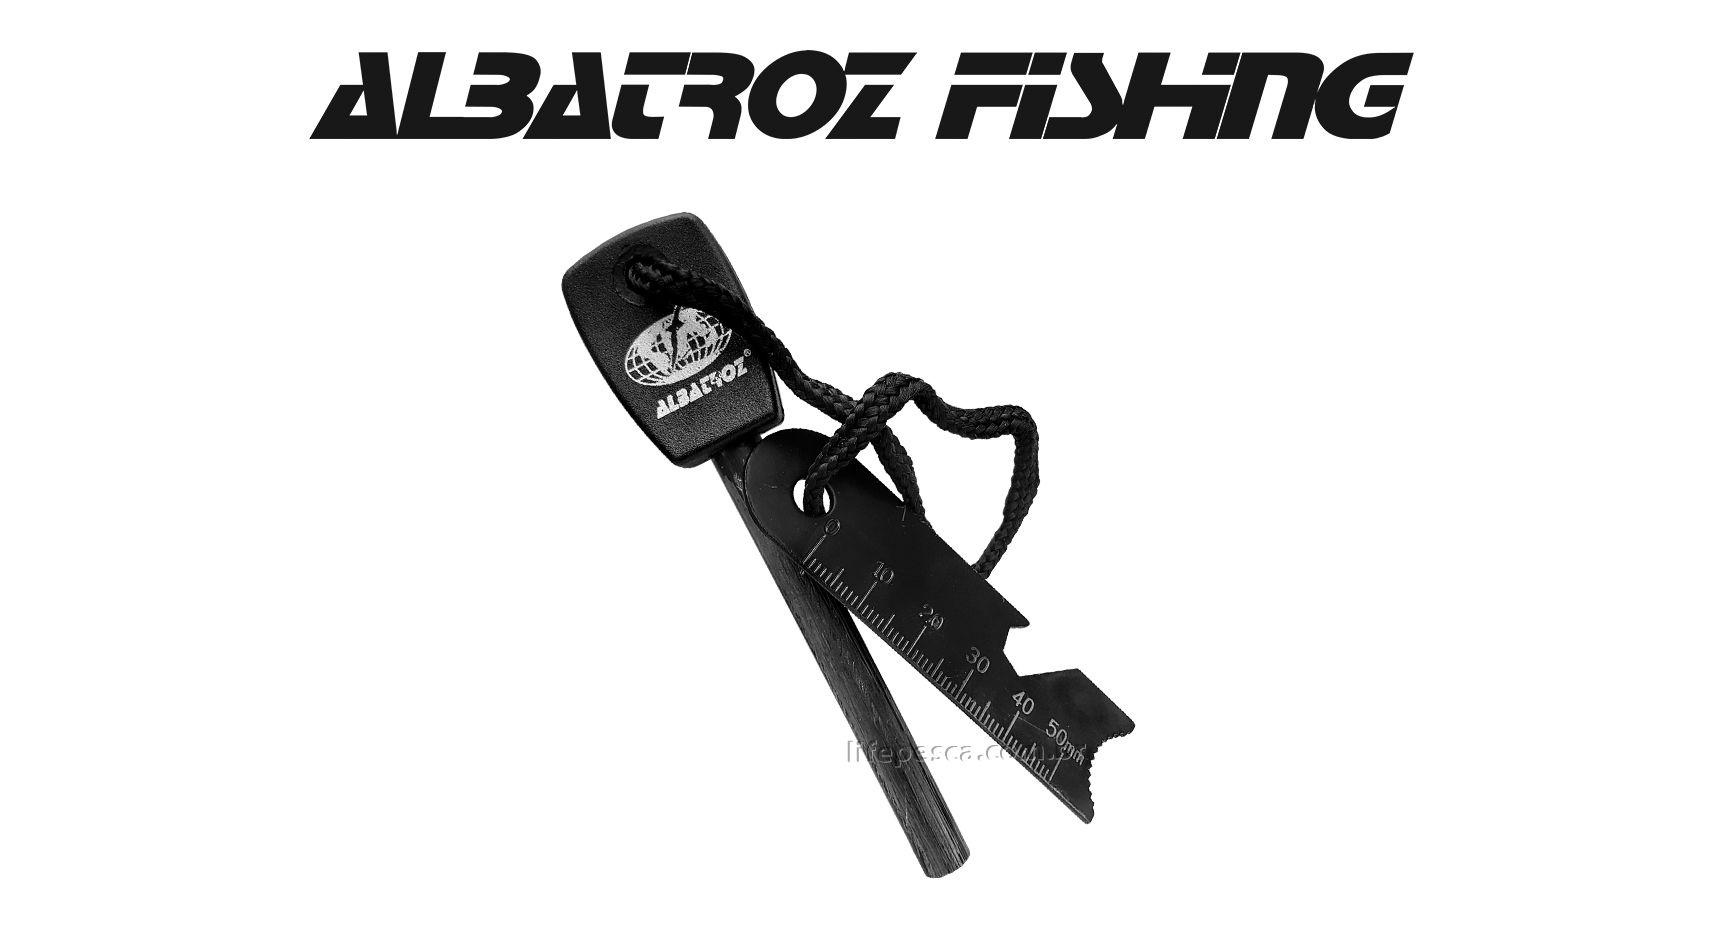 Pederneira Iniciador De Fogo Magnesio Grande 10cm Pedra - Albatroz Fishing LM-3Q  - Life Pesca - Sua loja de Pesca, Camping e Lazer